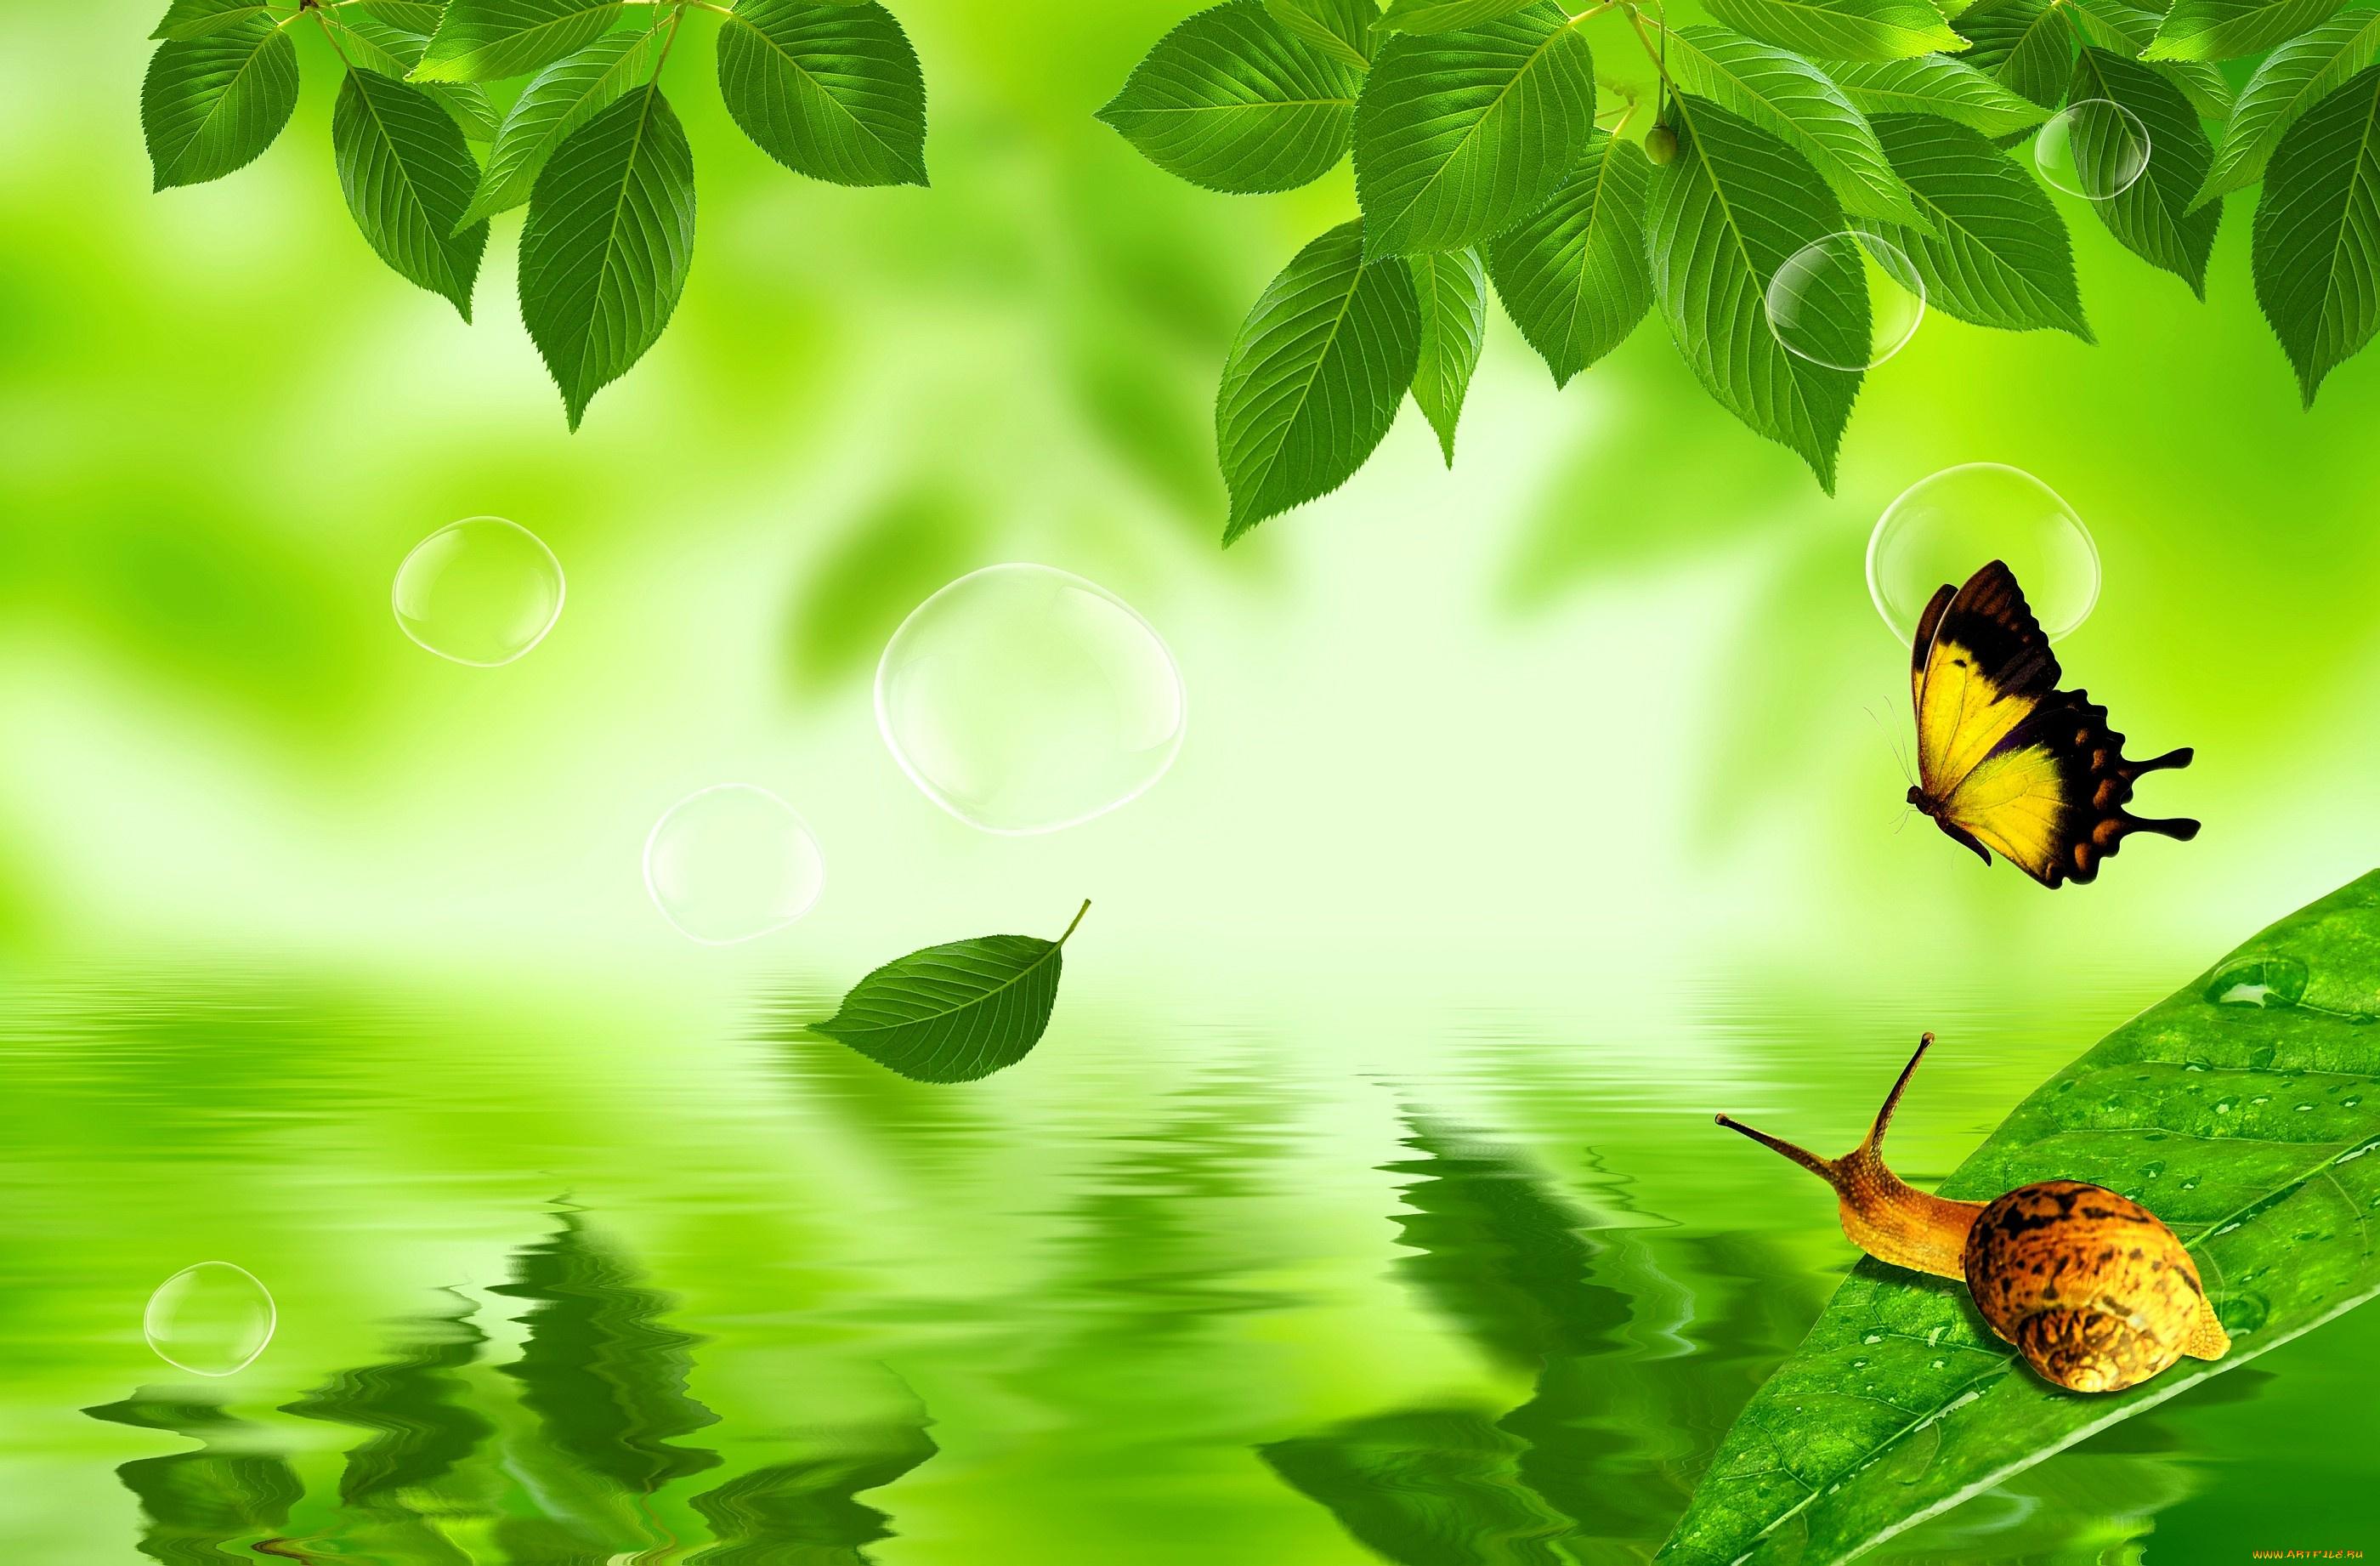 бабочка на зеленой траве  № 1396186 загрузить